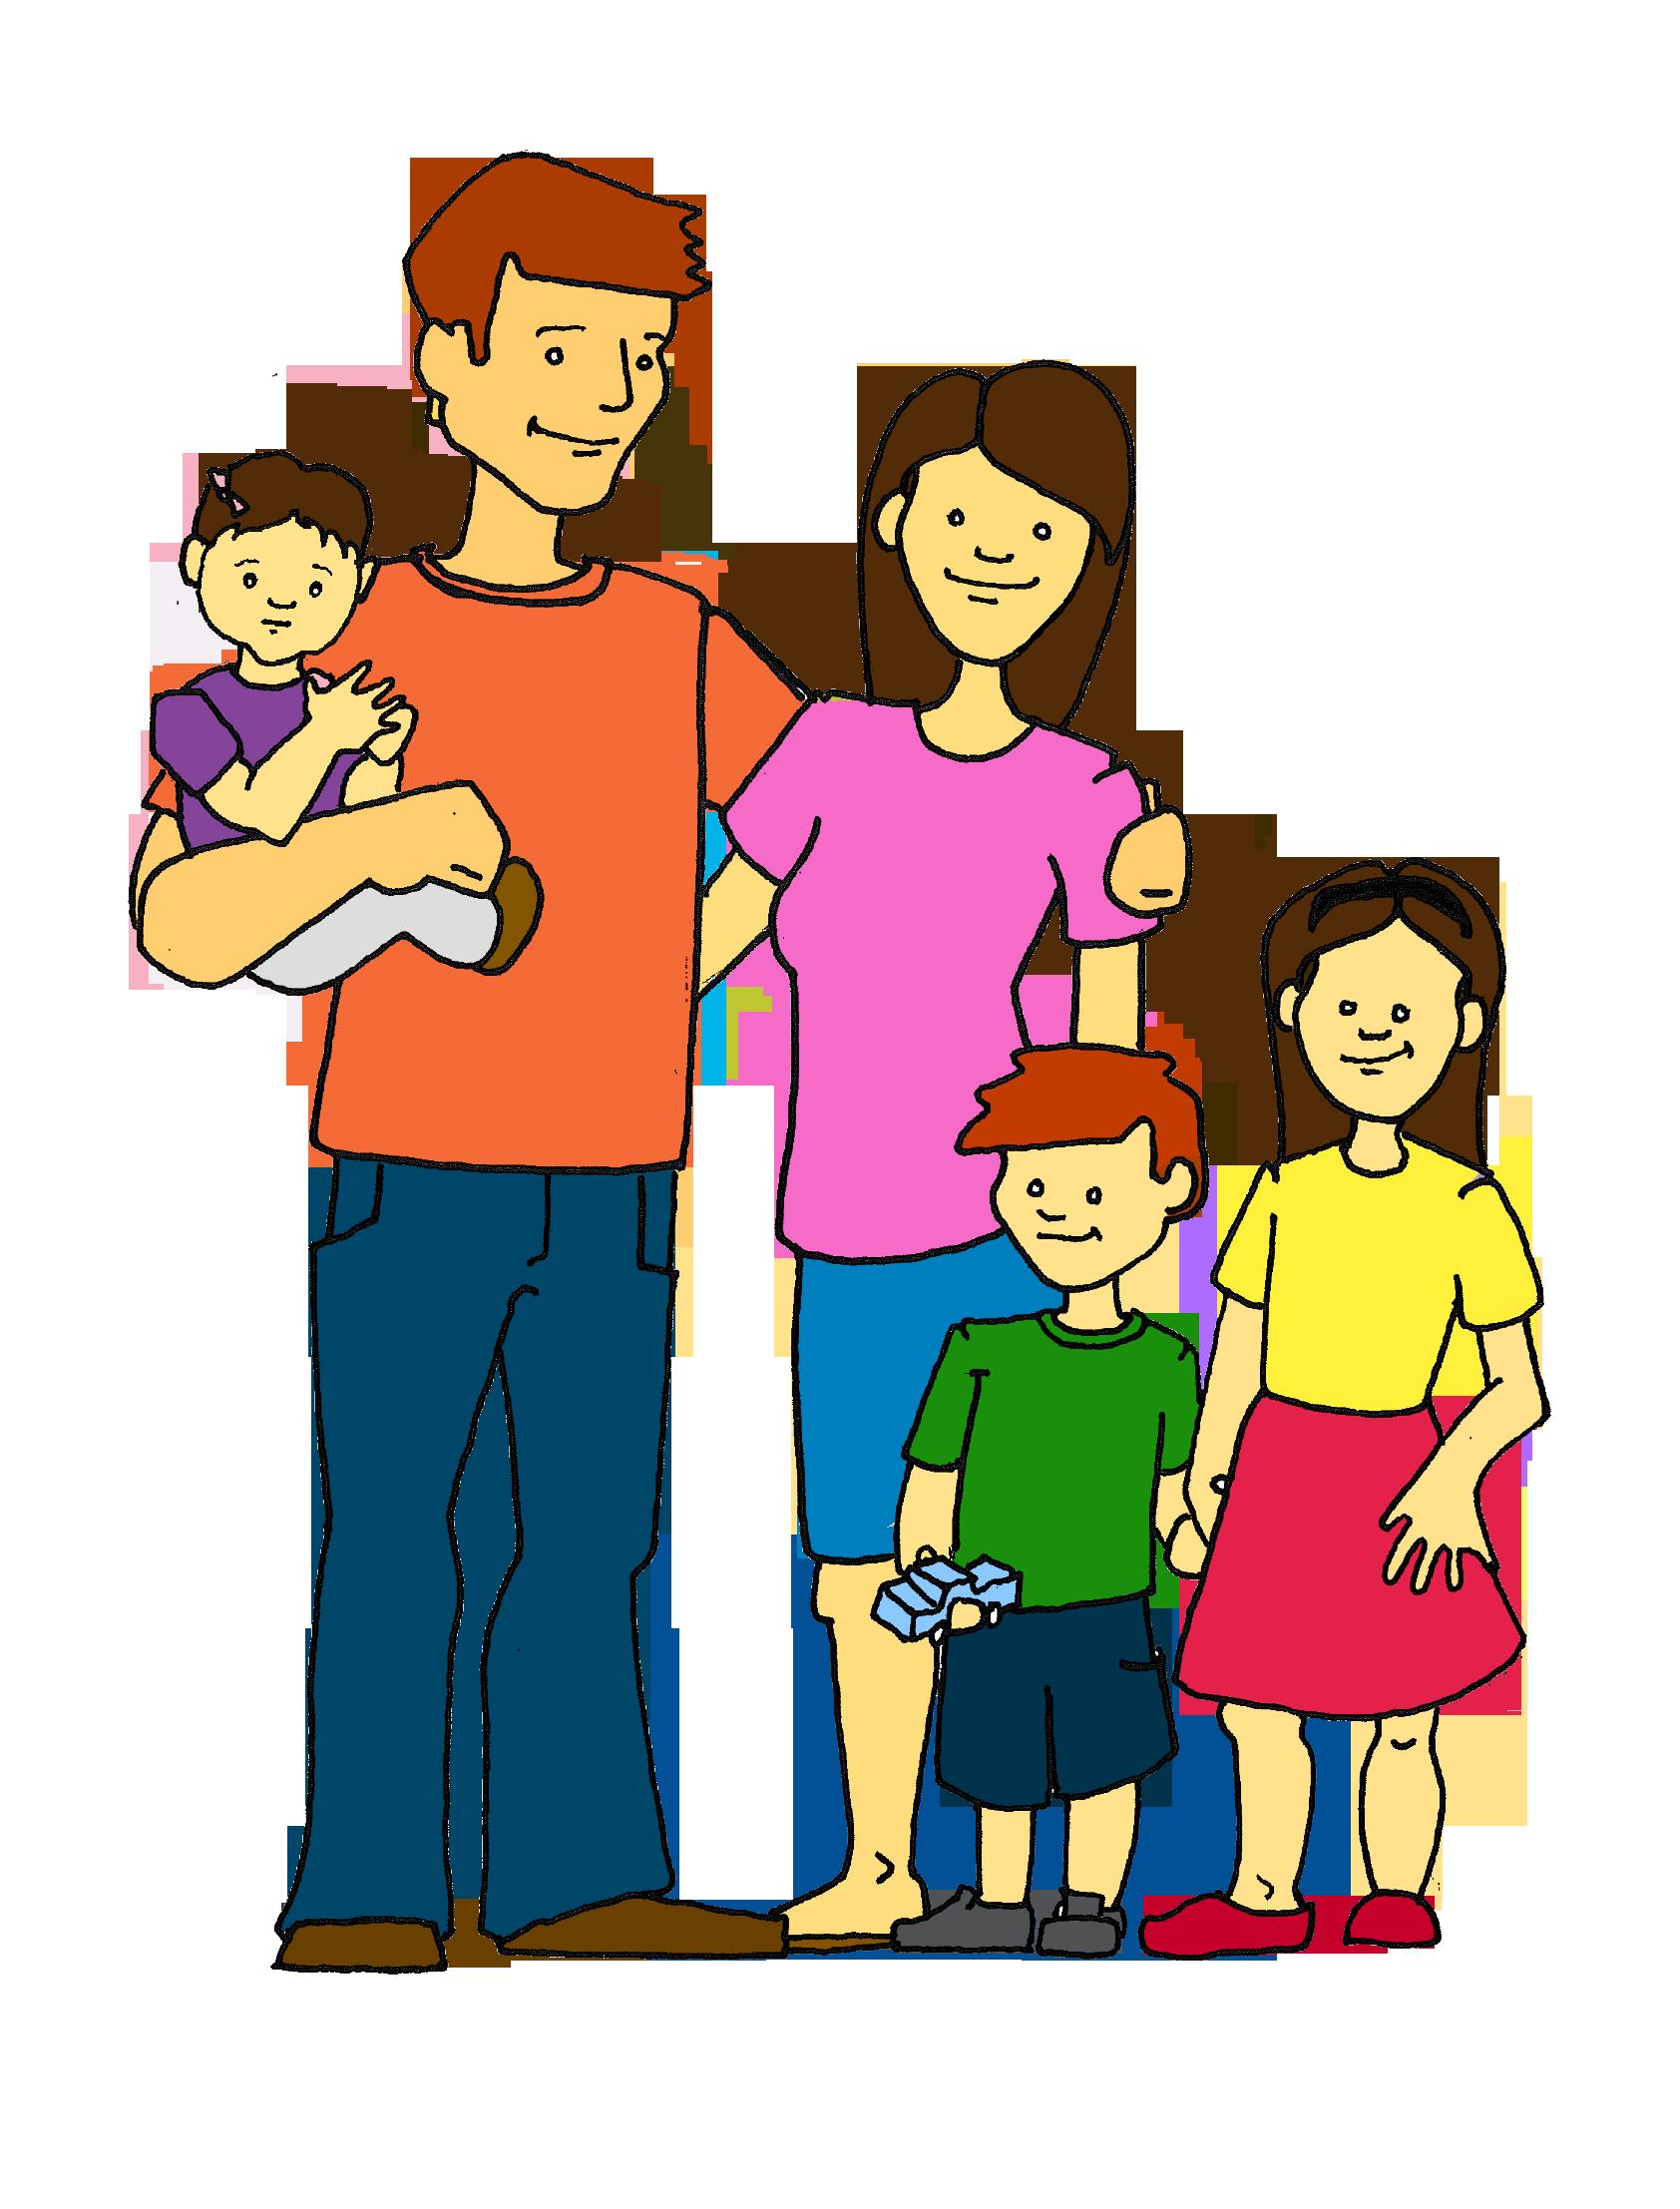 Happy Family Clip Art Clipart Panda Free-Happy Family Clip Art Clipart Panda Free Clipart Images-4